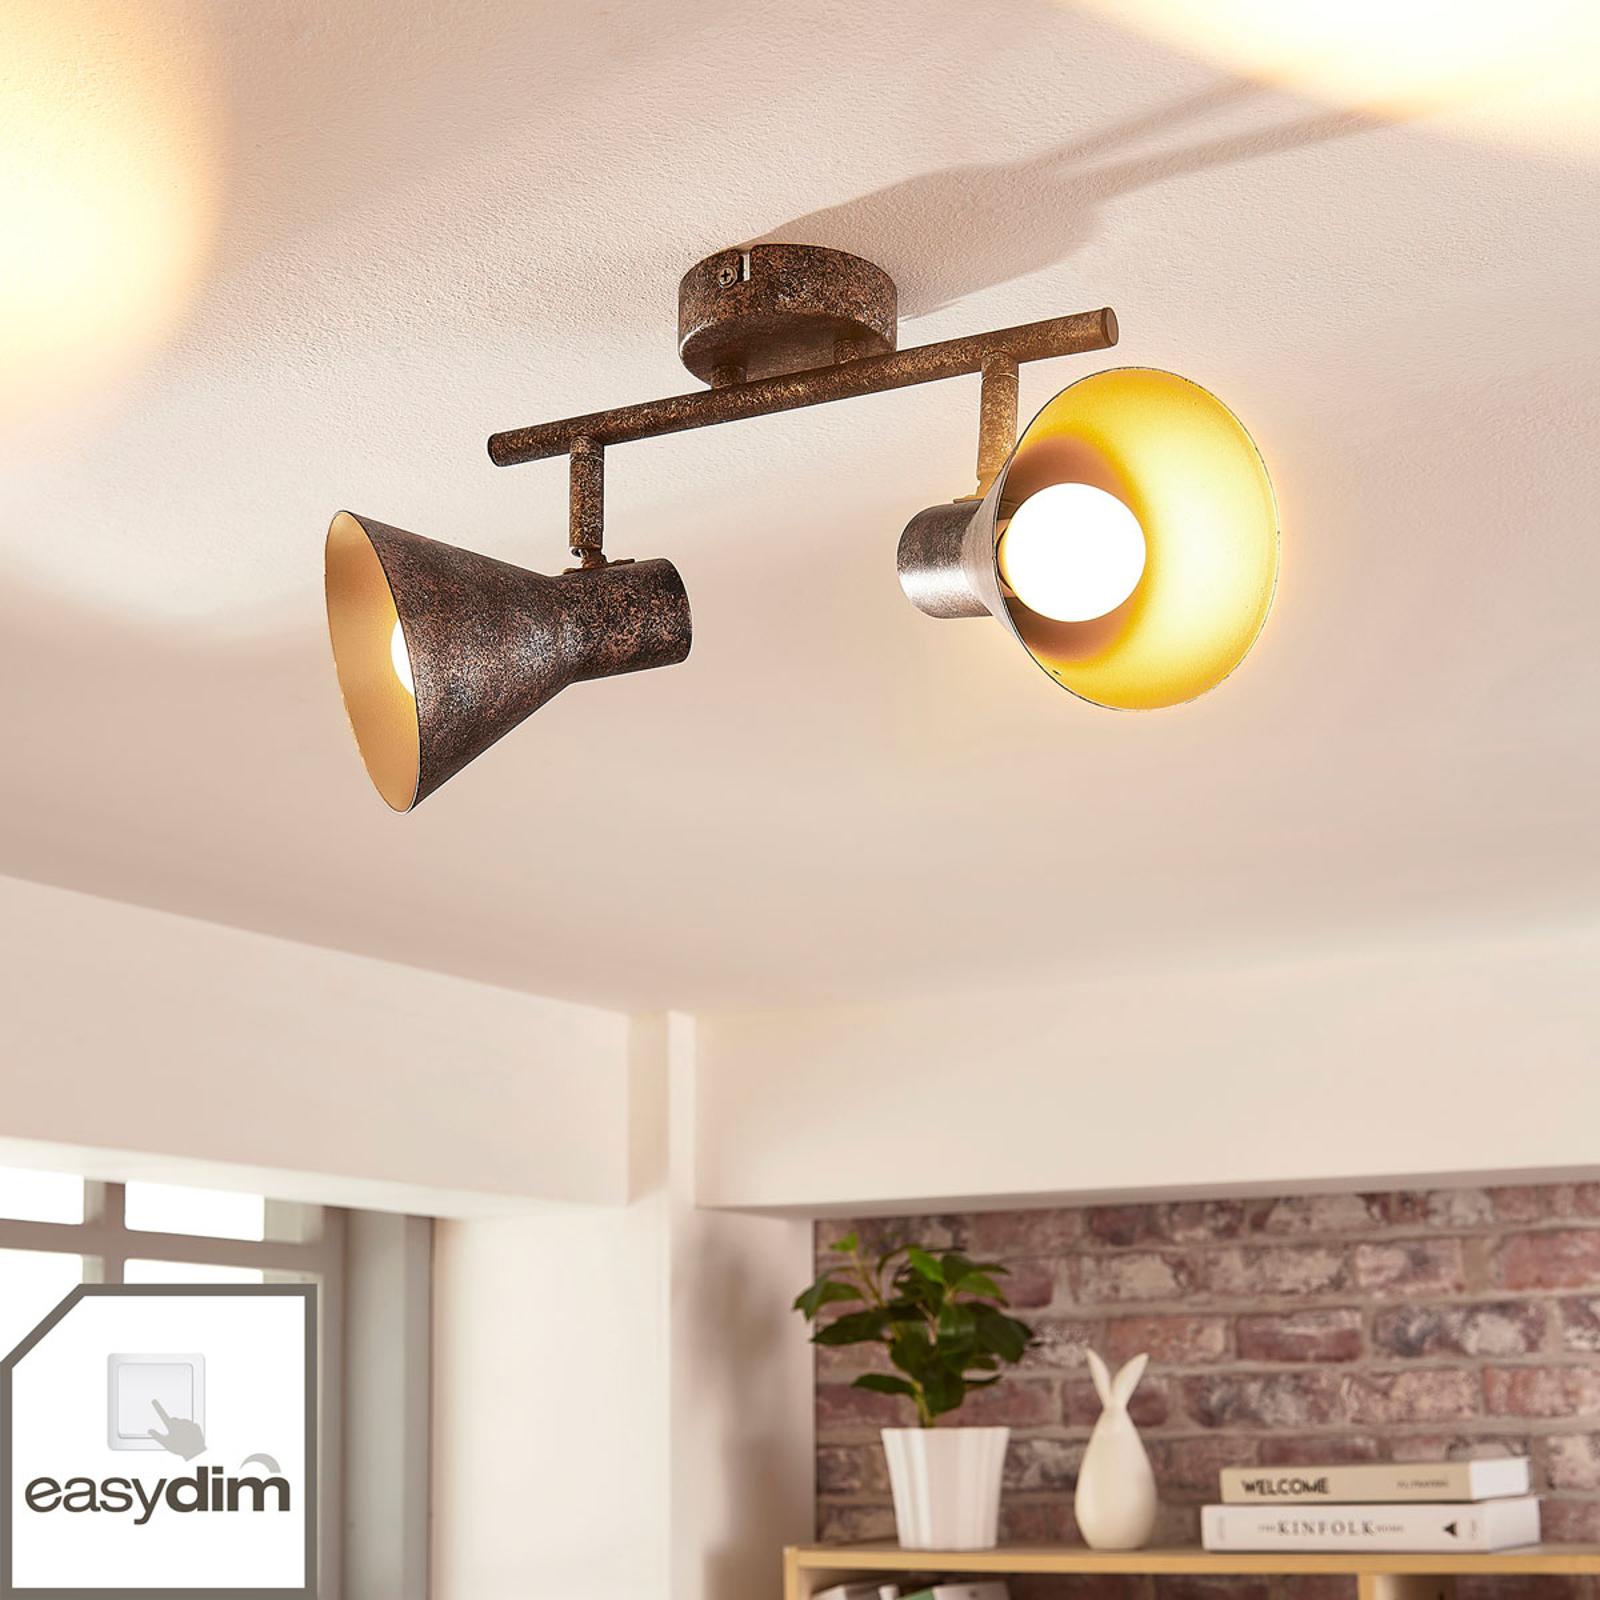 Plafonnier LED noir doré Zera, easydim